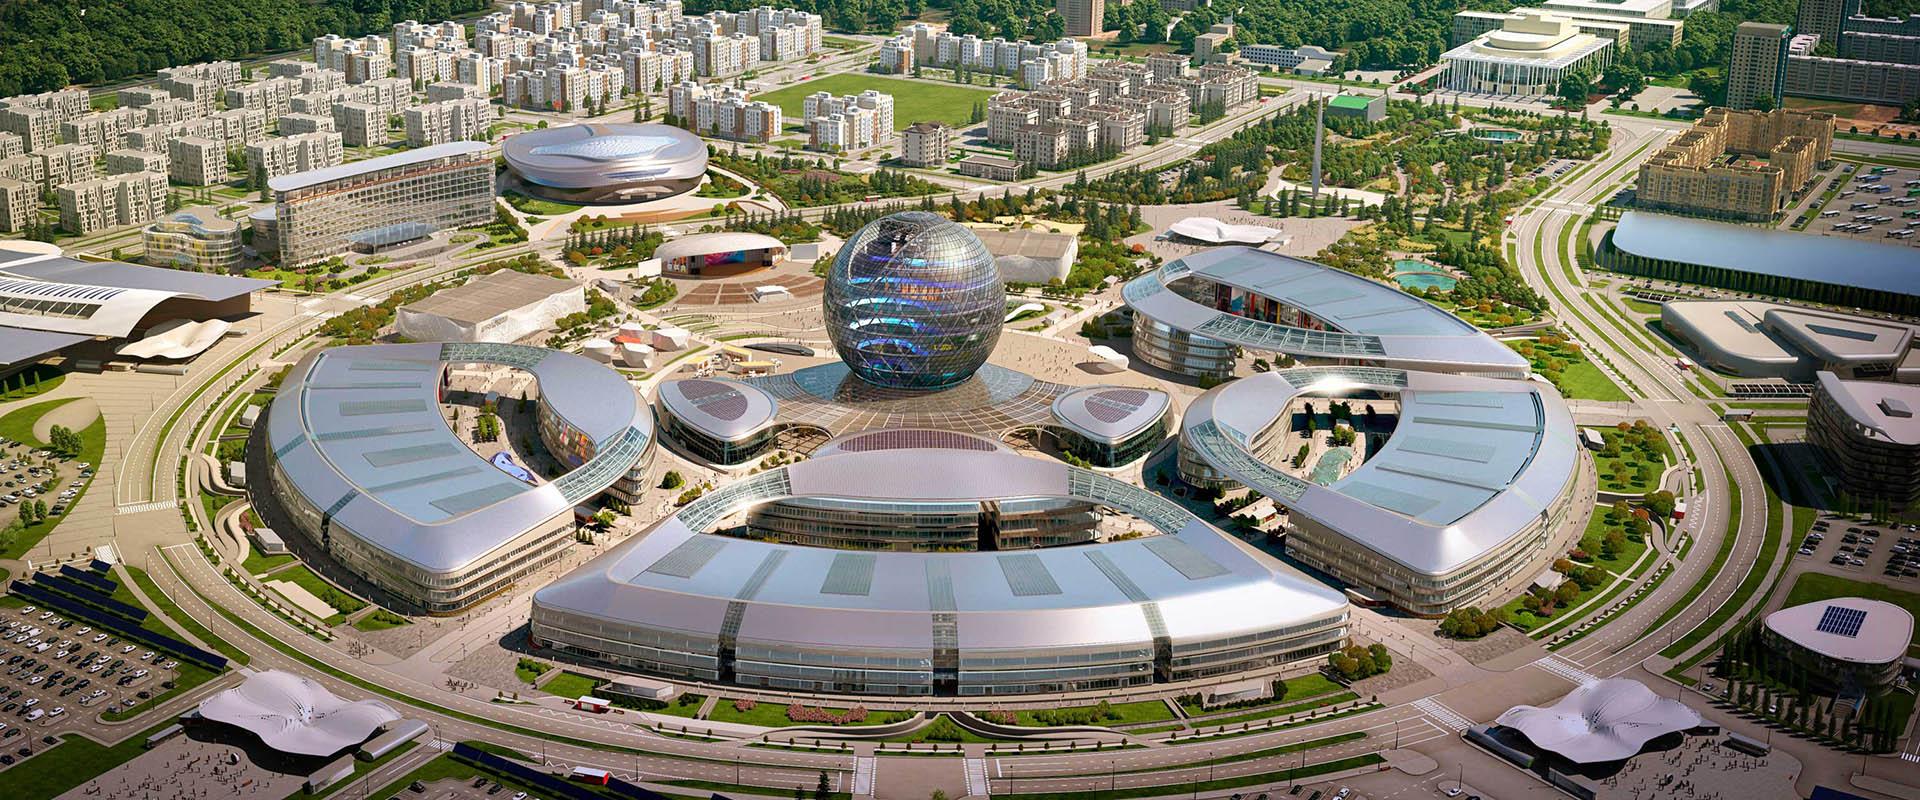 Bannière de l'Expo 2017 Astana